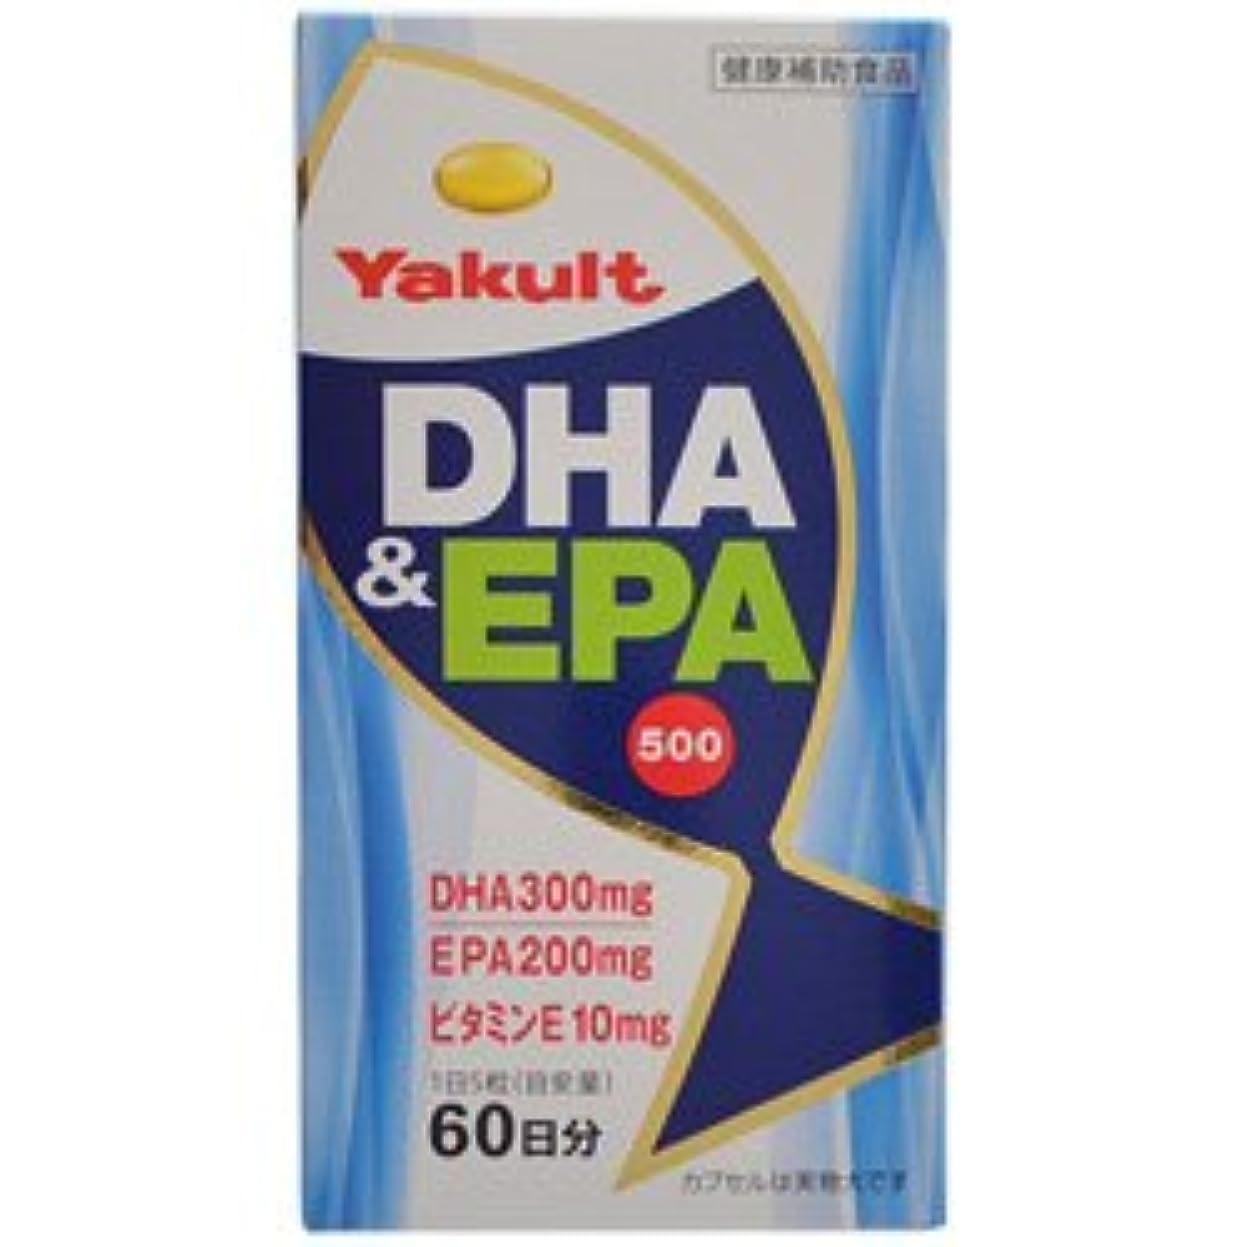 牛ベジタリアンる【ヤクルトヘルスフーズ】DHA&EPA 500 300粒 ×20個セット